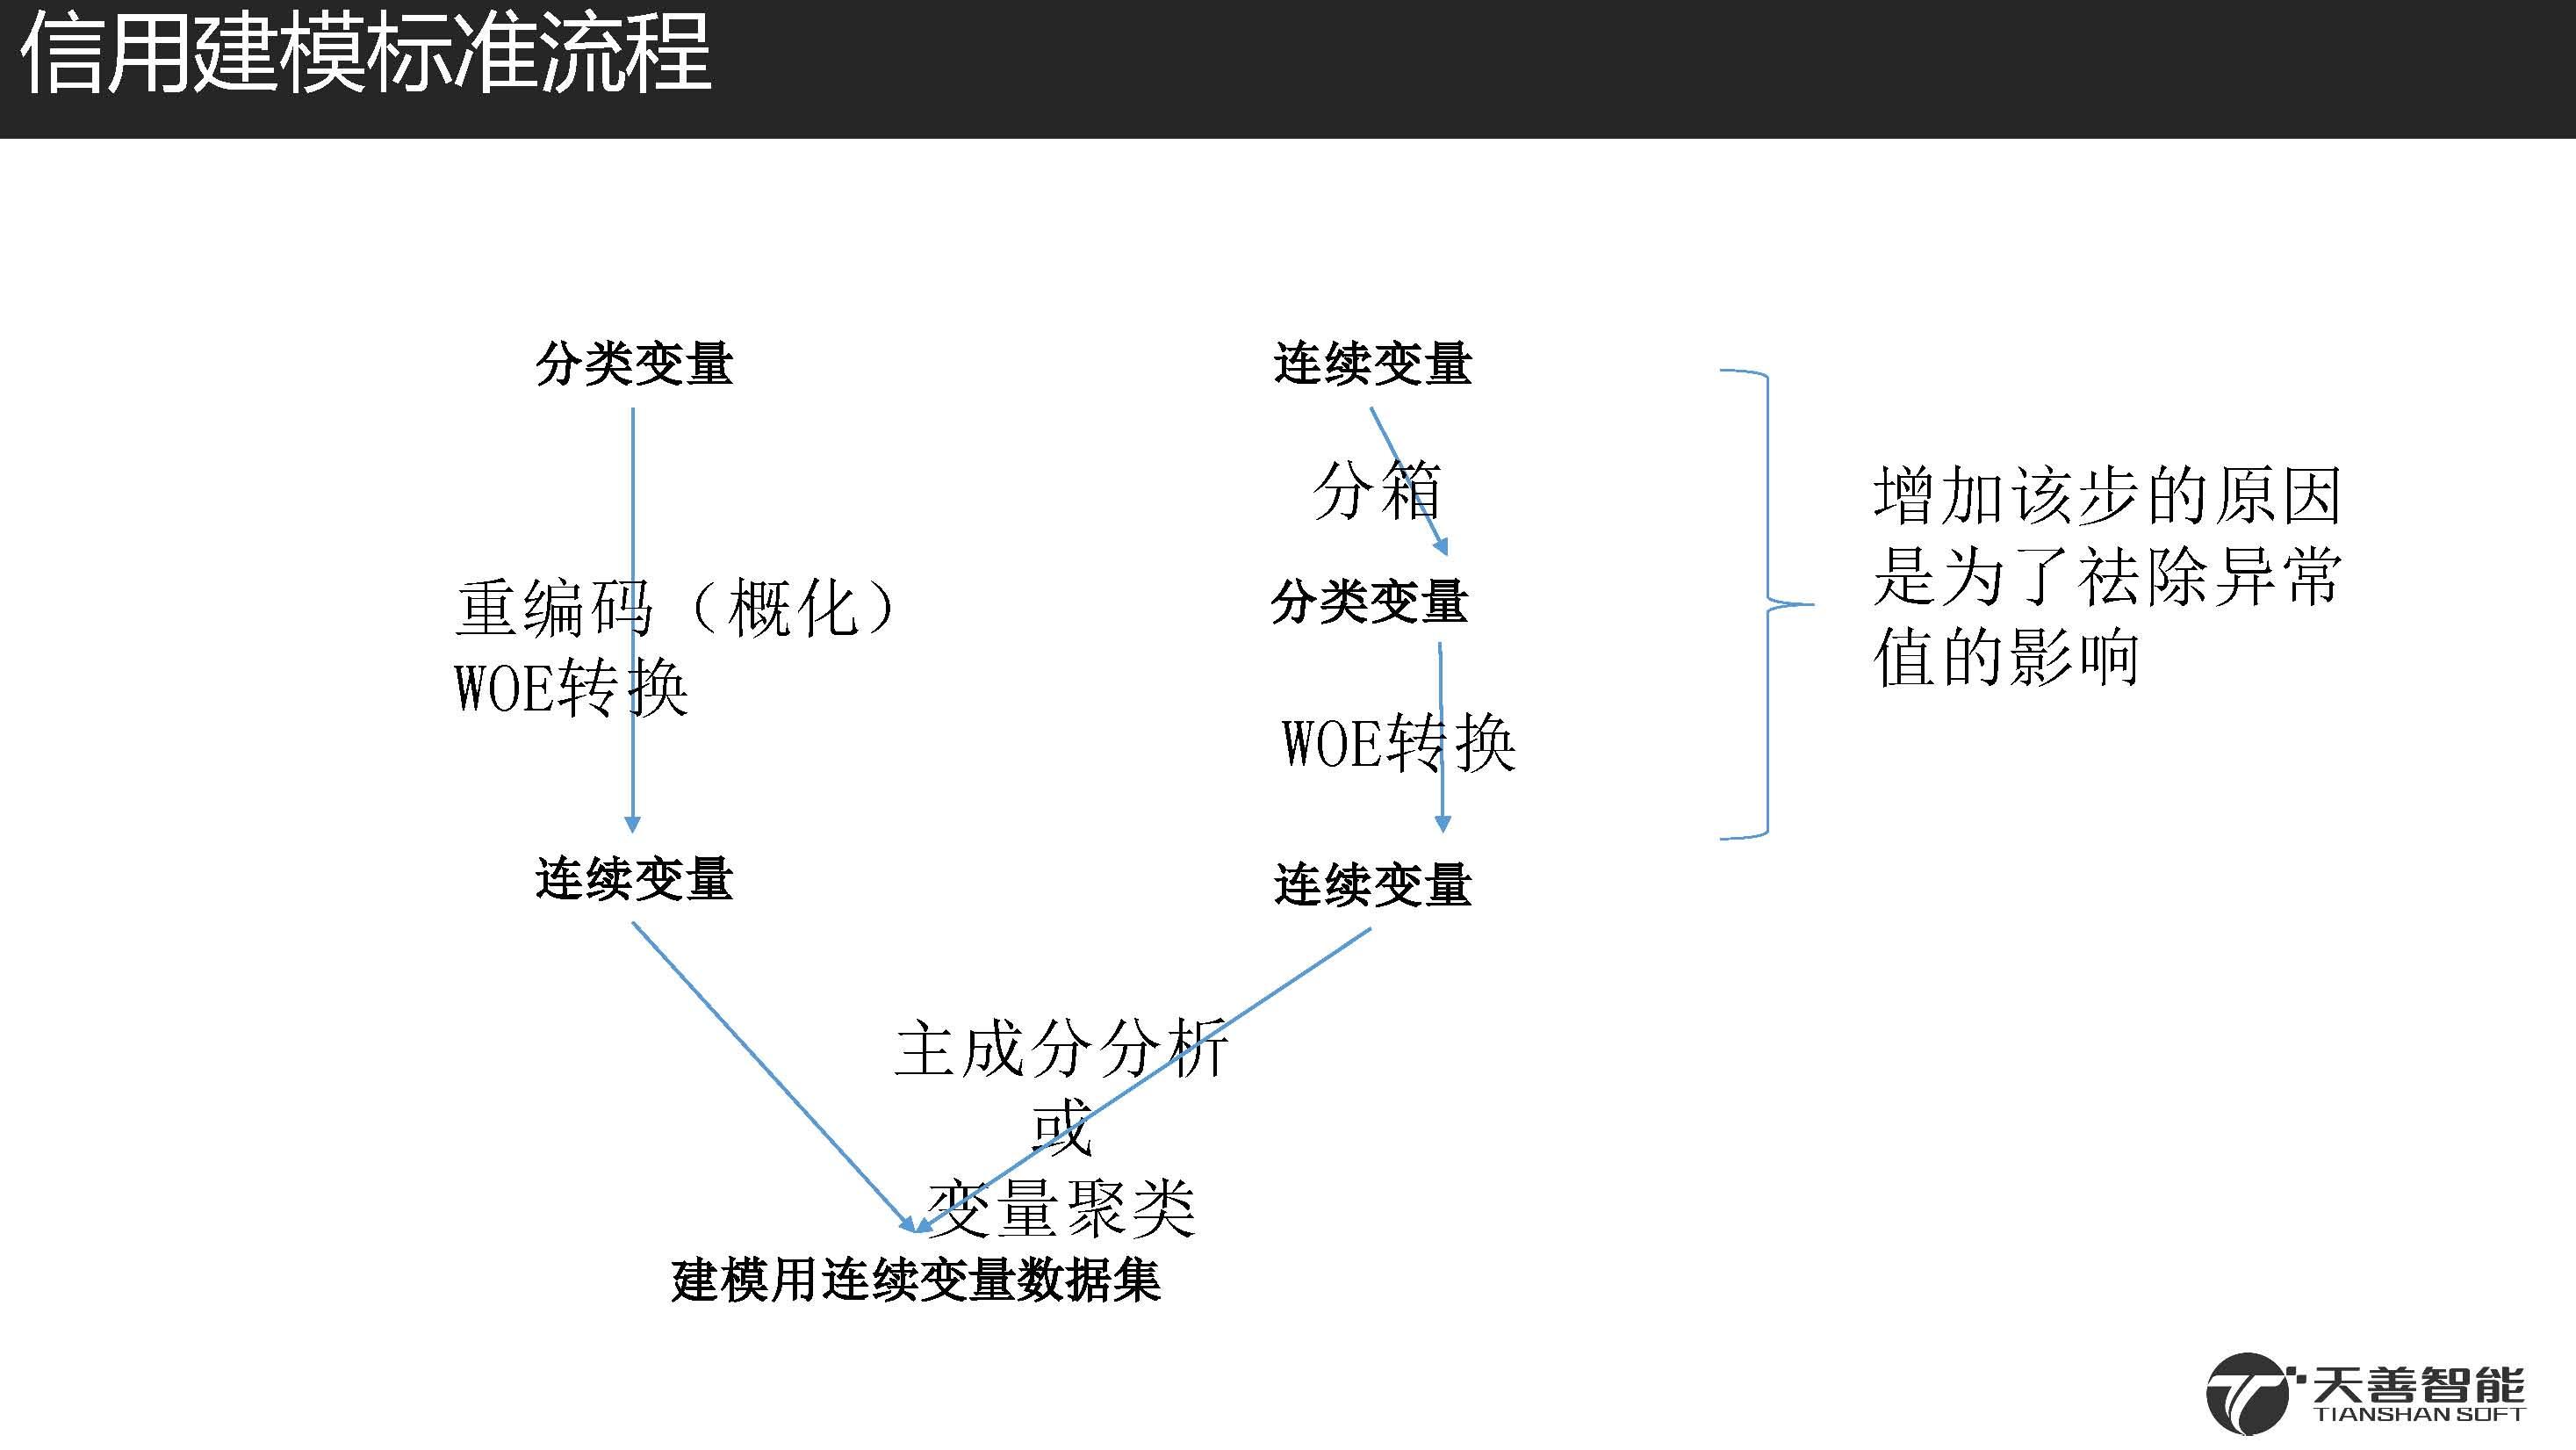 2汽车金融信用违约预测模型案例_页面_30.jpg